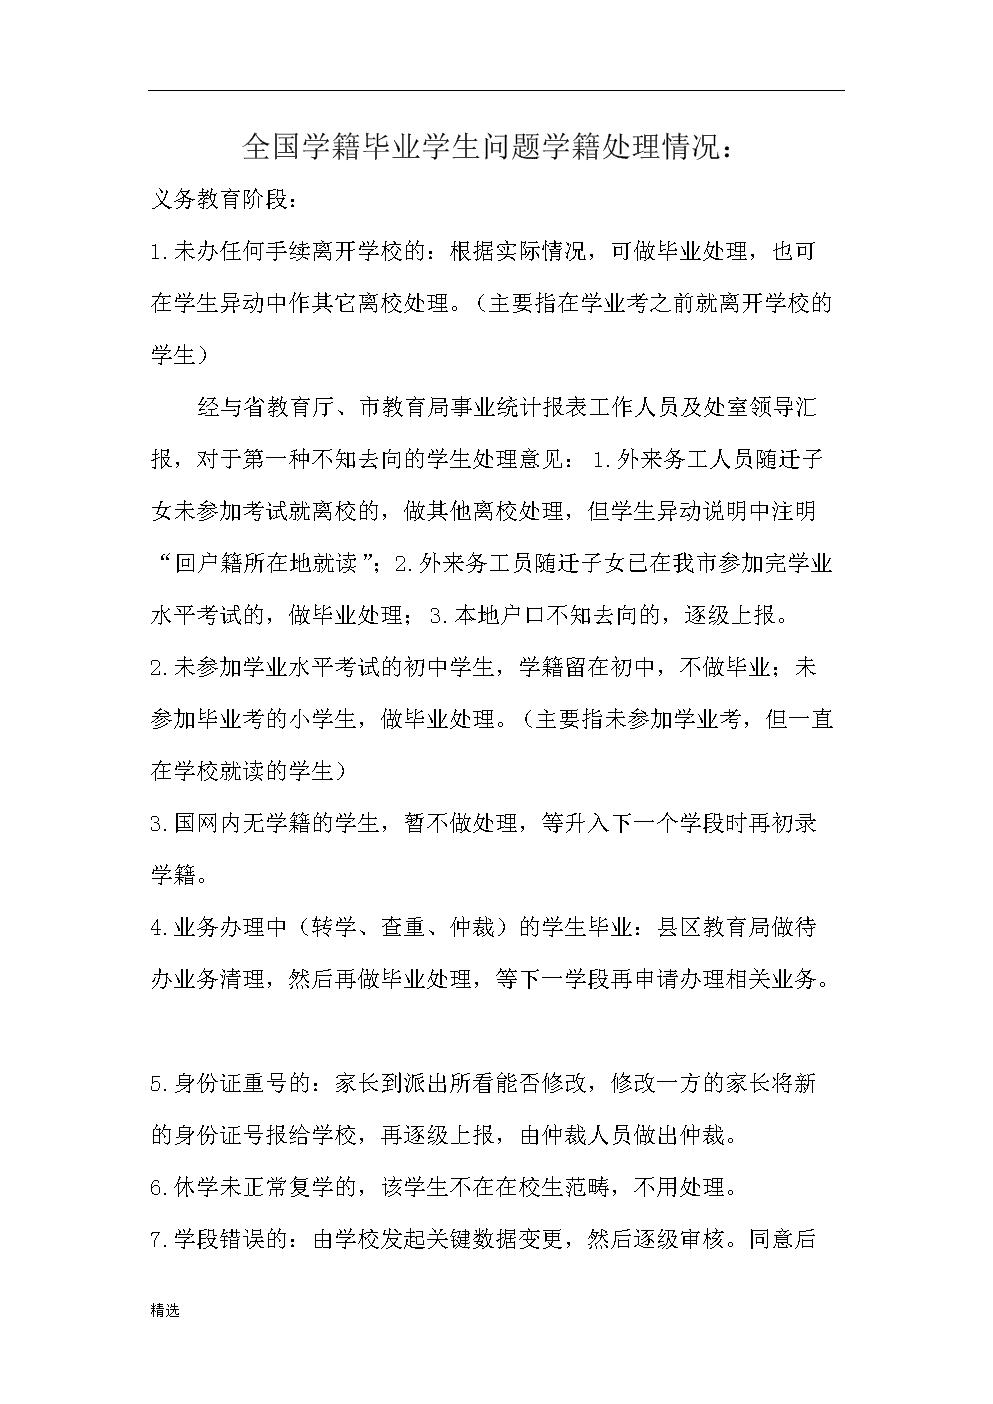 全国学籍毕业学生问题学籍处理情况精细版.doc